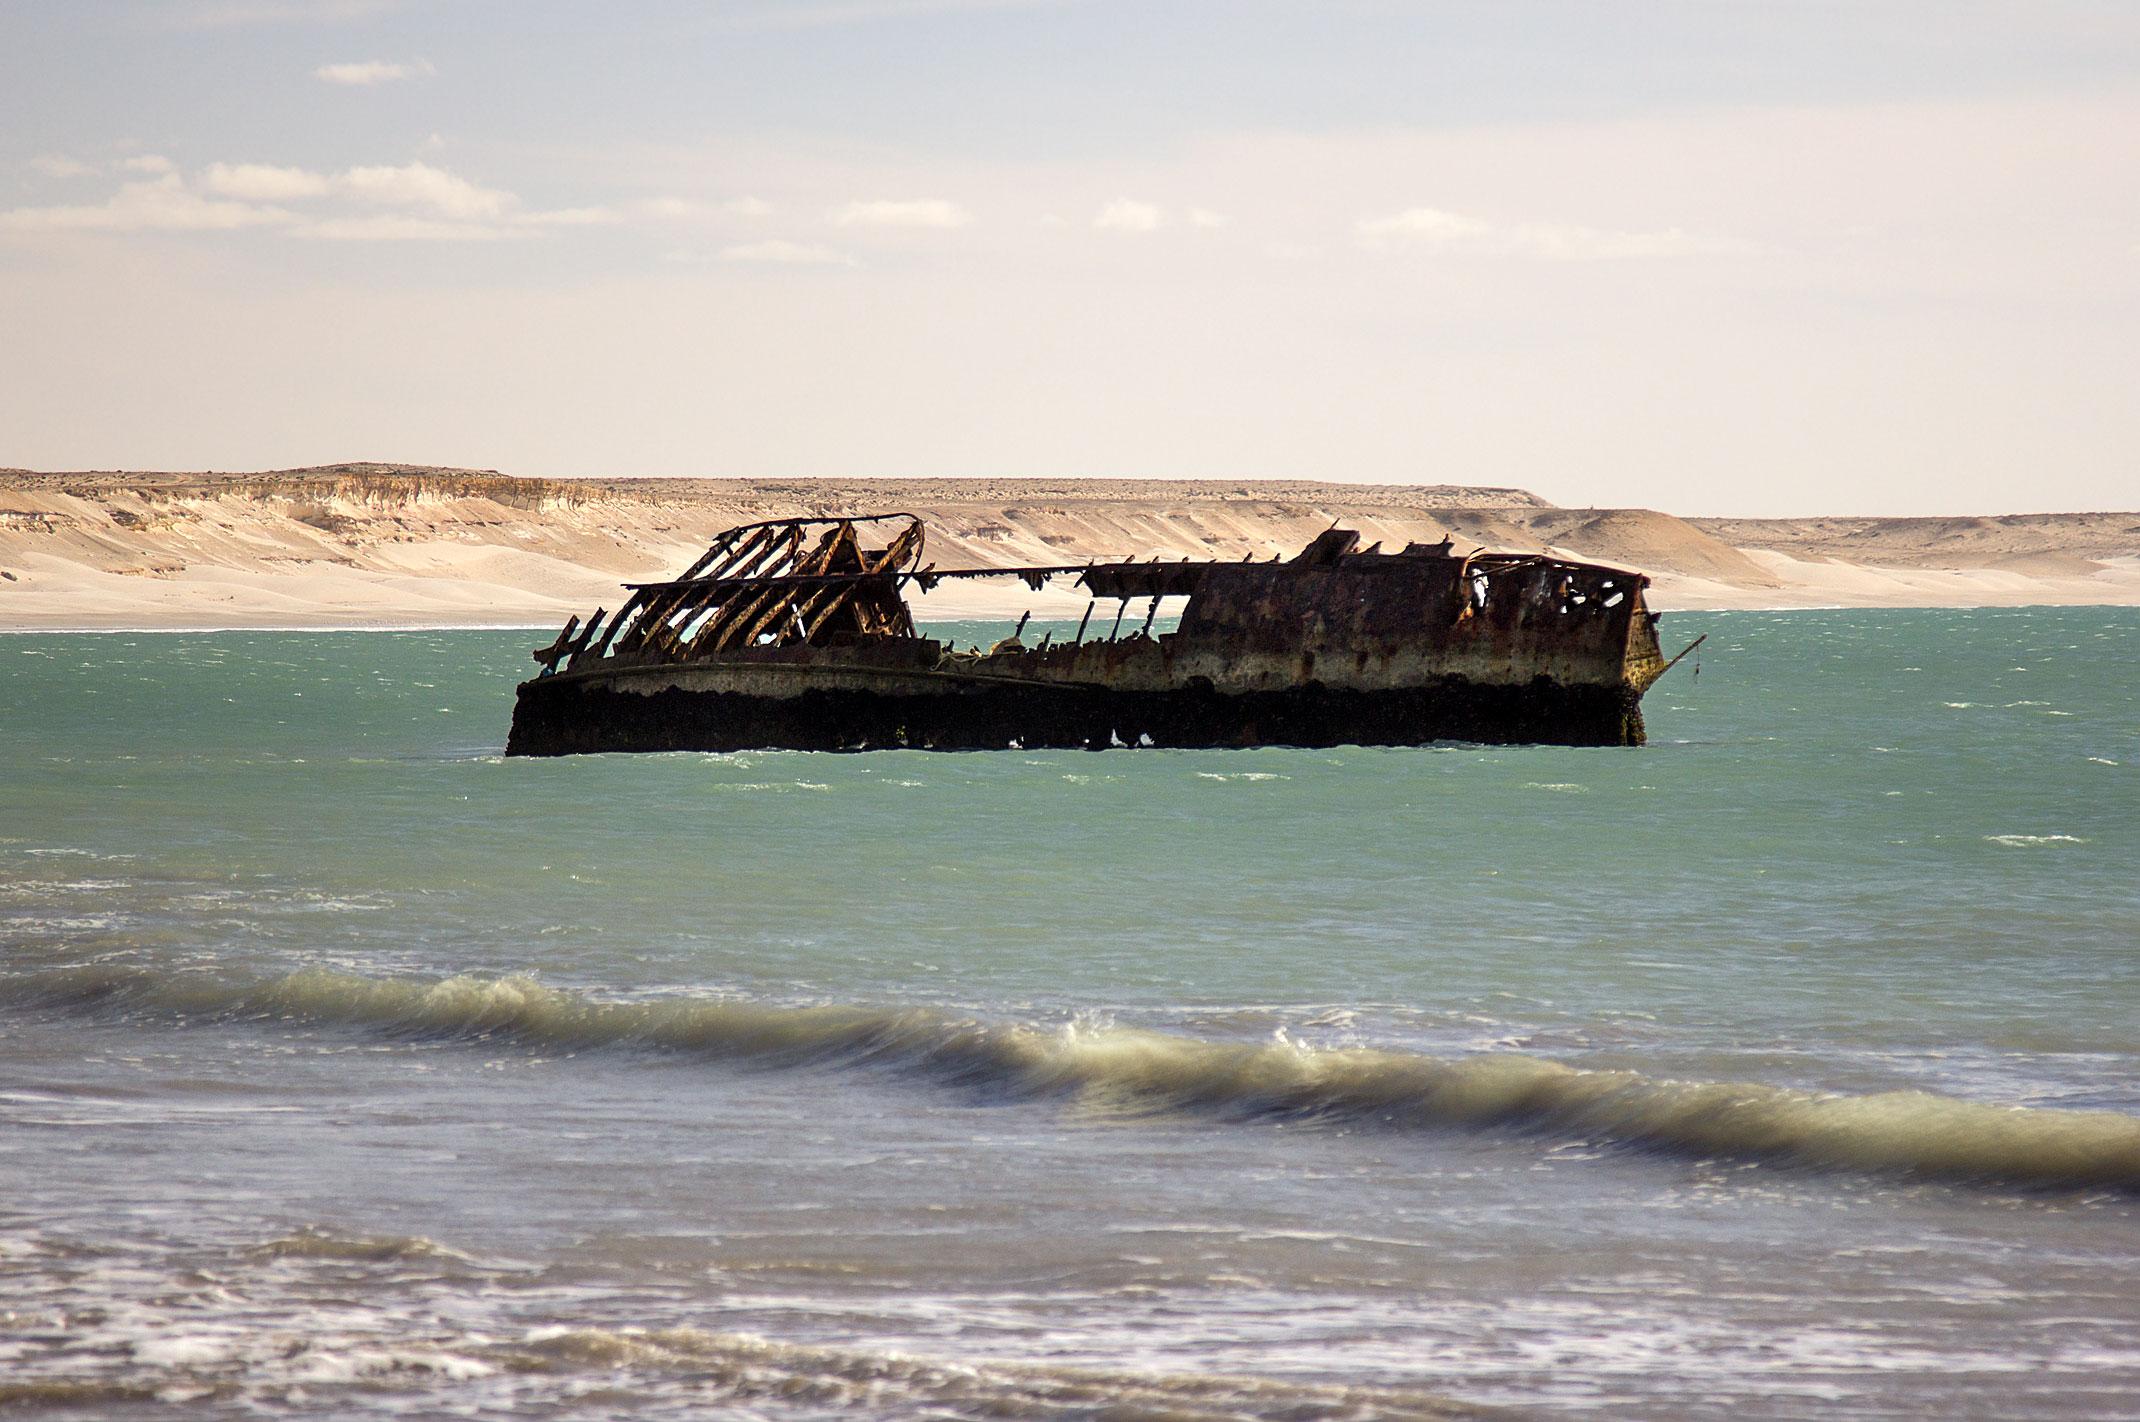 Maroko,wrak statku